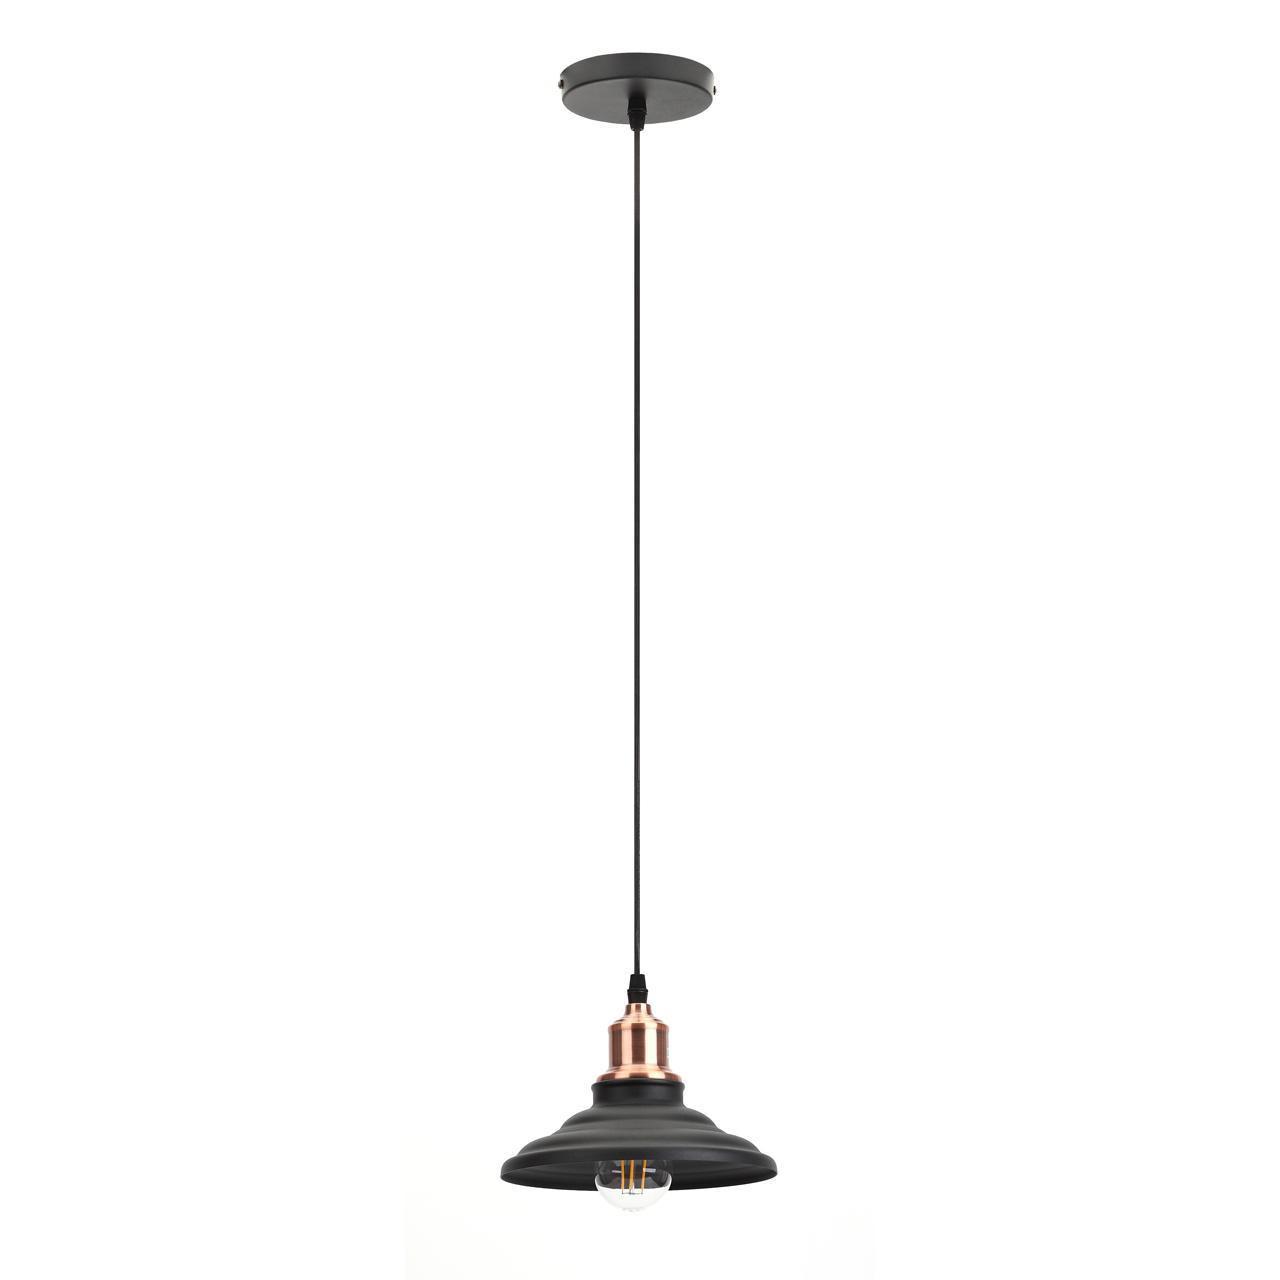 Подвесной светильник Эра PL4 BK/RC, E27, 60 Вт